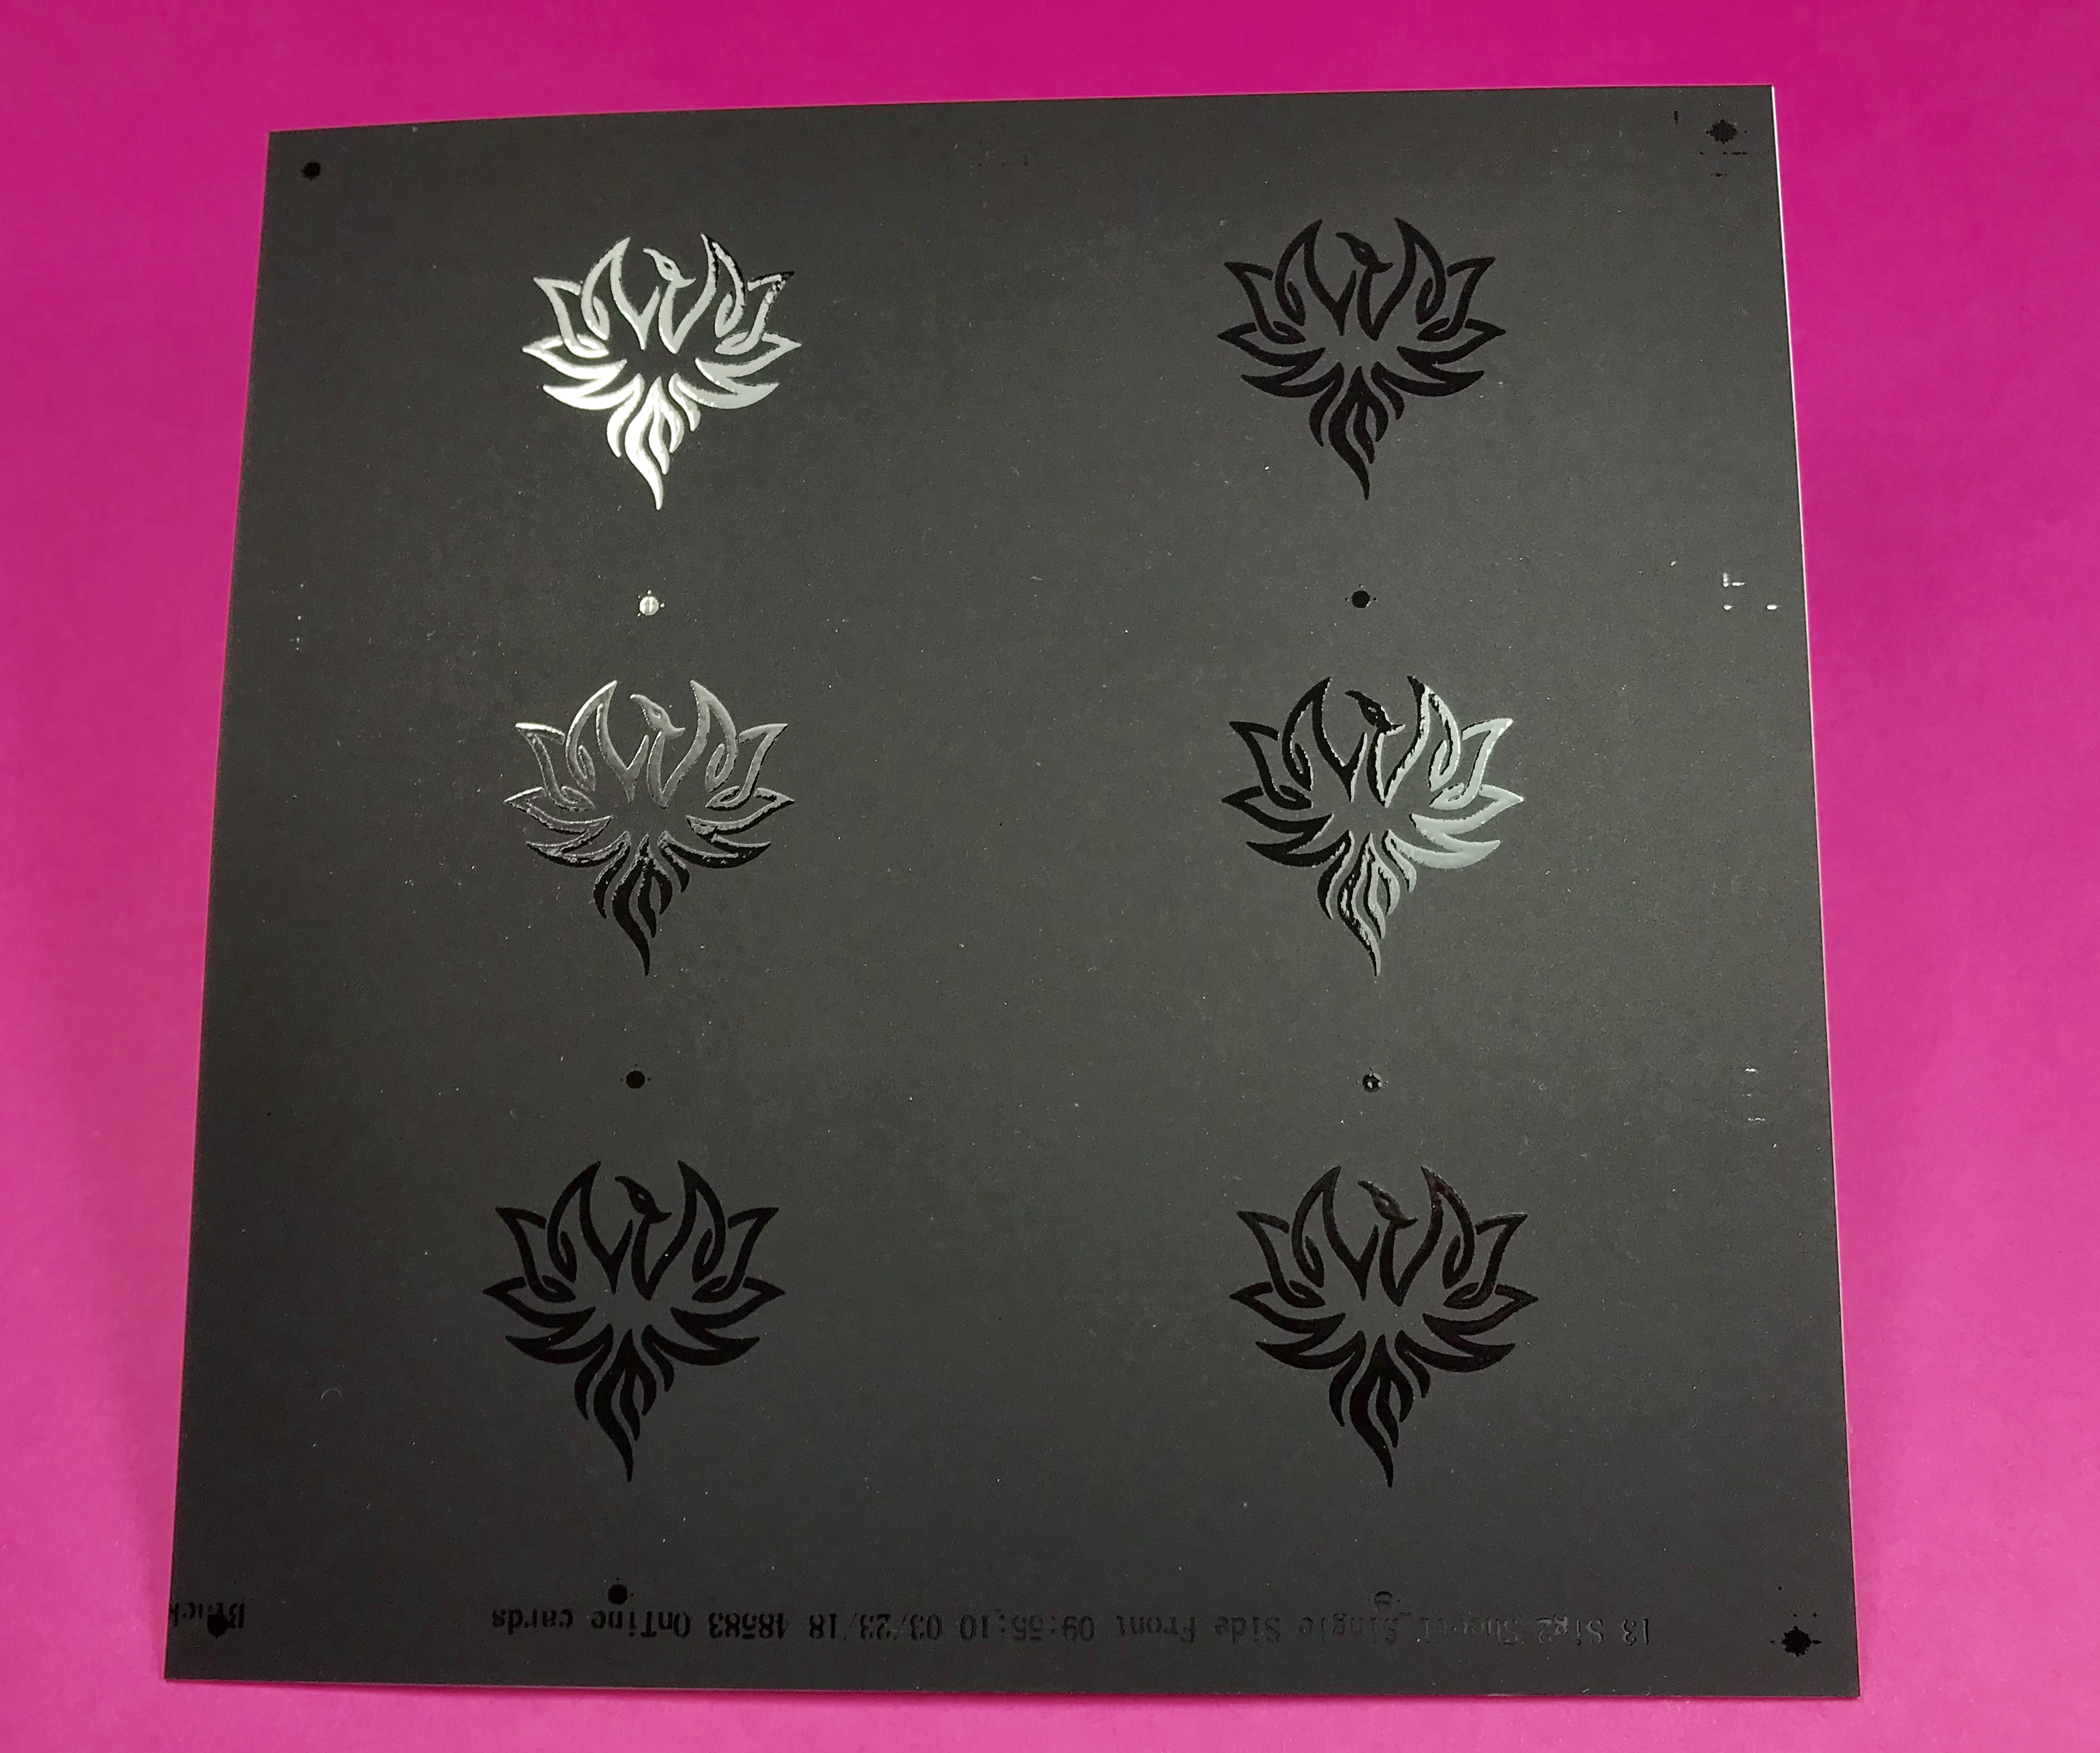 Spot UV Varnish on Black Stock